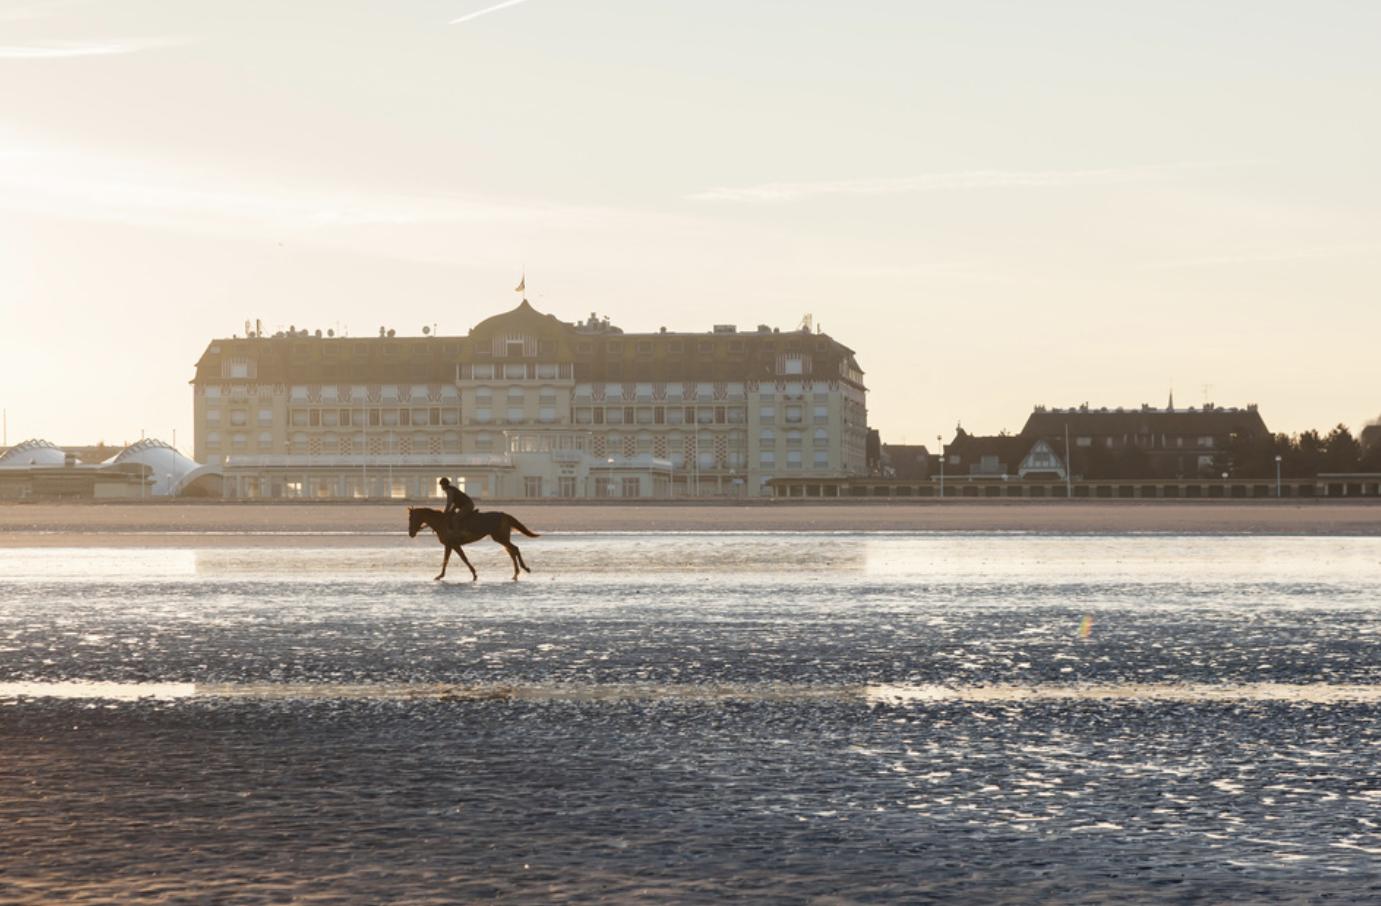 유명한 노르망디 해변의 승마.jpg